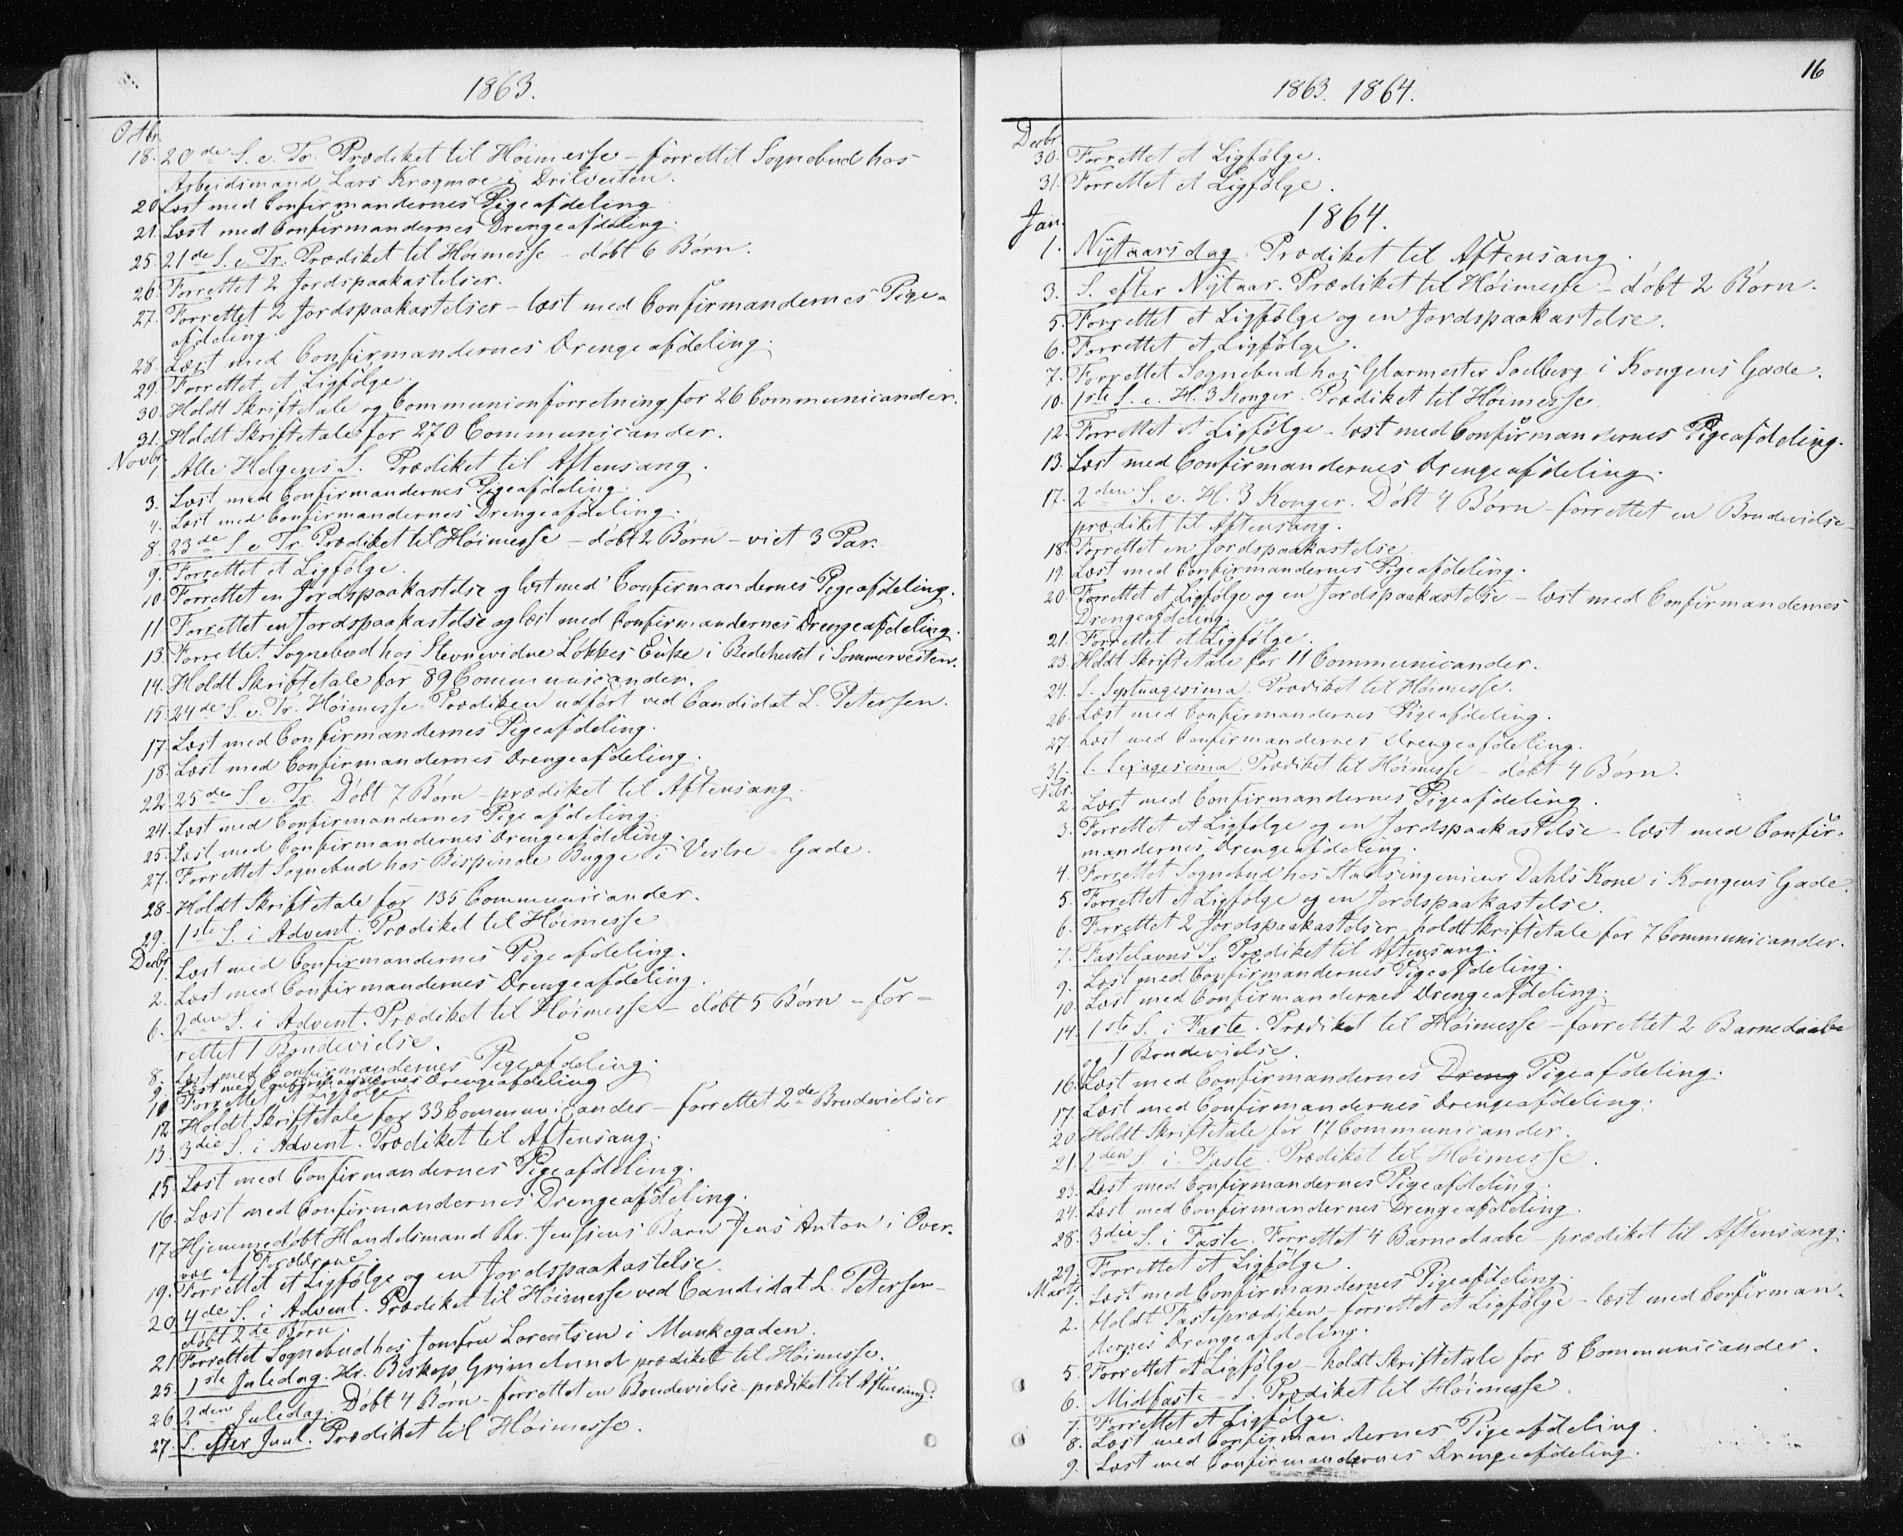 SAT, Ministerialprotokoller, klokkerbøker og fødselsregistre - Sør-Trøndelag, 601/L0053: Ministerialbok nr. 601A21, 1857-1865, s. 16